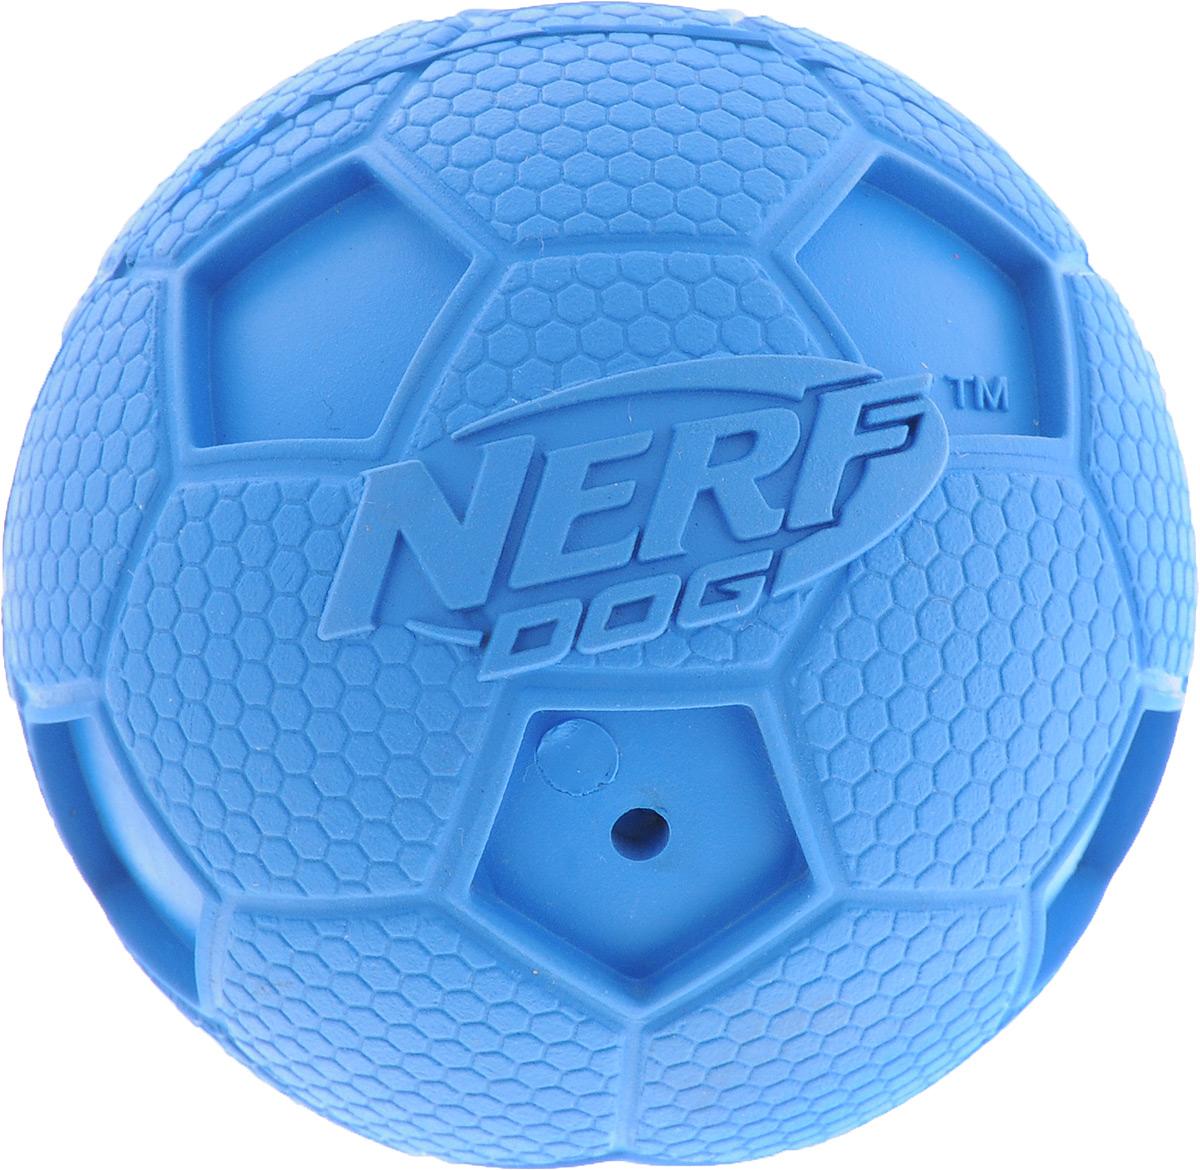 Игрушка для собак Nerf Мяч футбольный, с пищалкой, цвет: синий, диаметр 6 см22187_синийИгрушка для собак Nerf Мяч футбольный выполнена из резины в форме футбольного мяча с рельефным рисунком и нейлоновым хрустящим мячом внутри. Такая игрушка порадует вашего любимца, а вам доставит массу приятных эмоций, ведь наблюдать за игрой всегда интересно и приятно. Изделие оснащено пищалкой.Диаметр игрушки: 6 см.